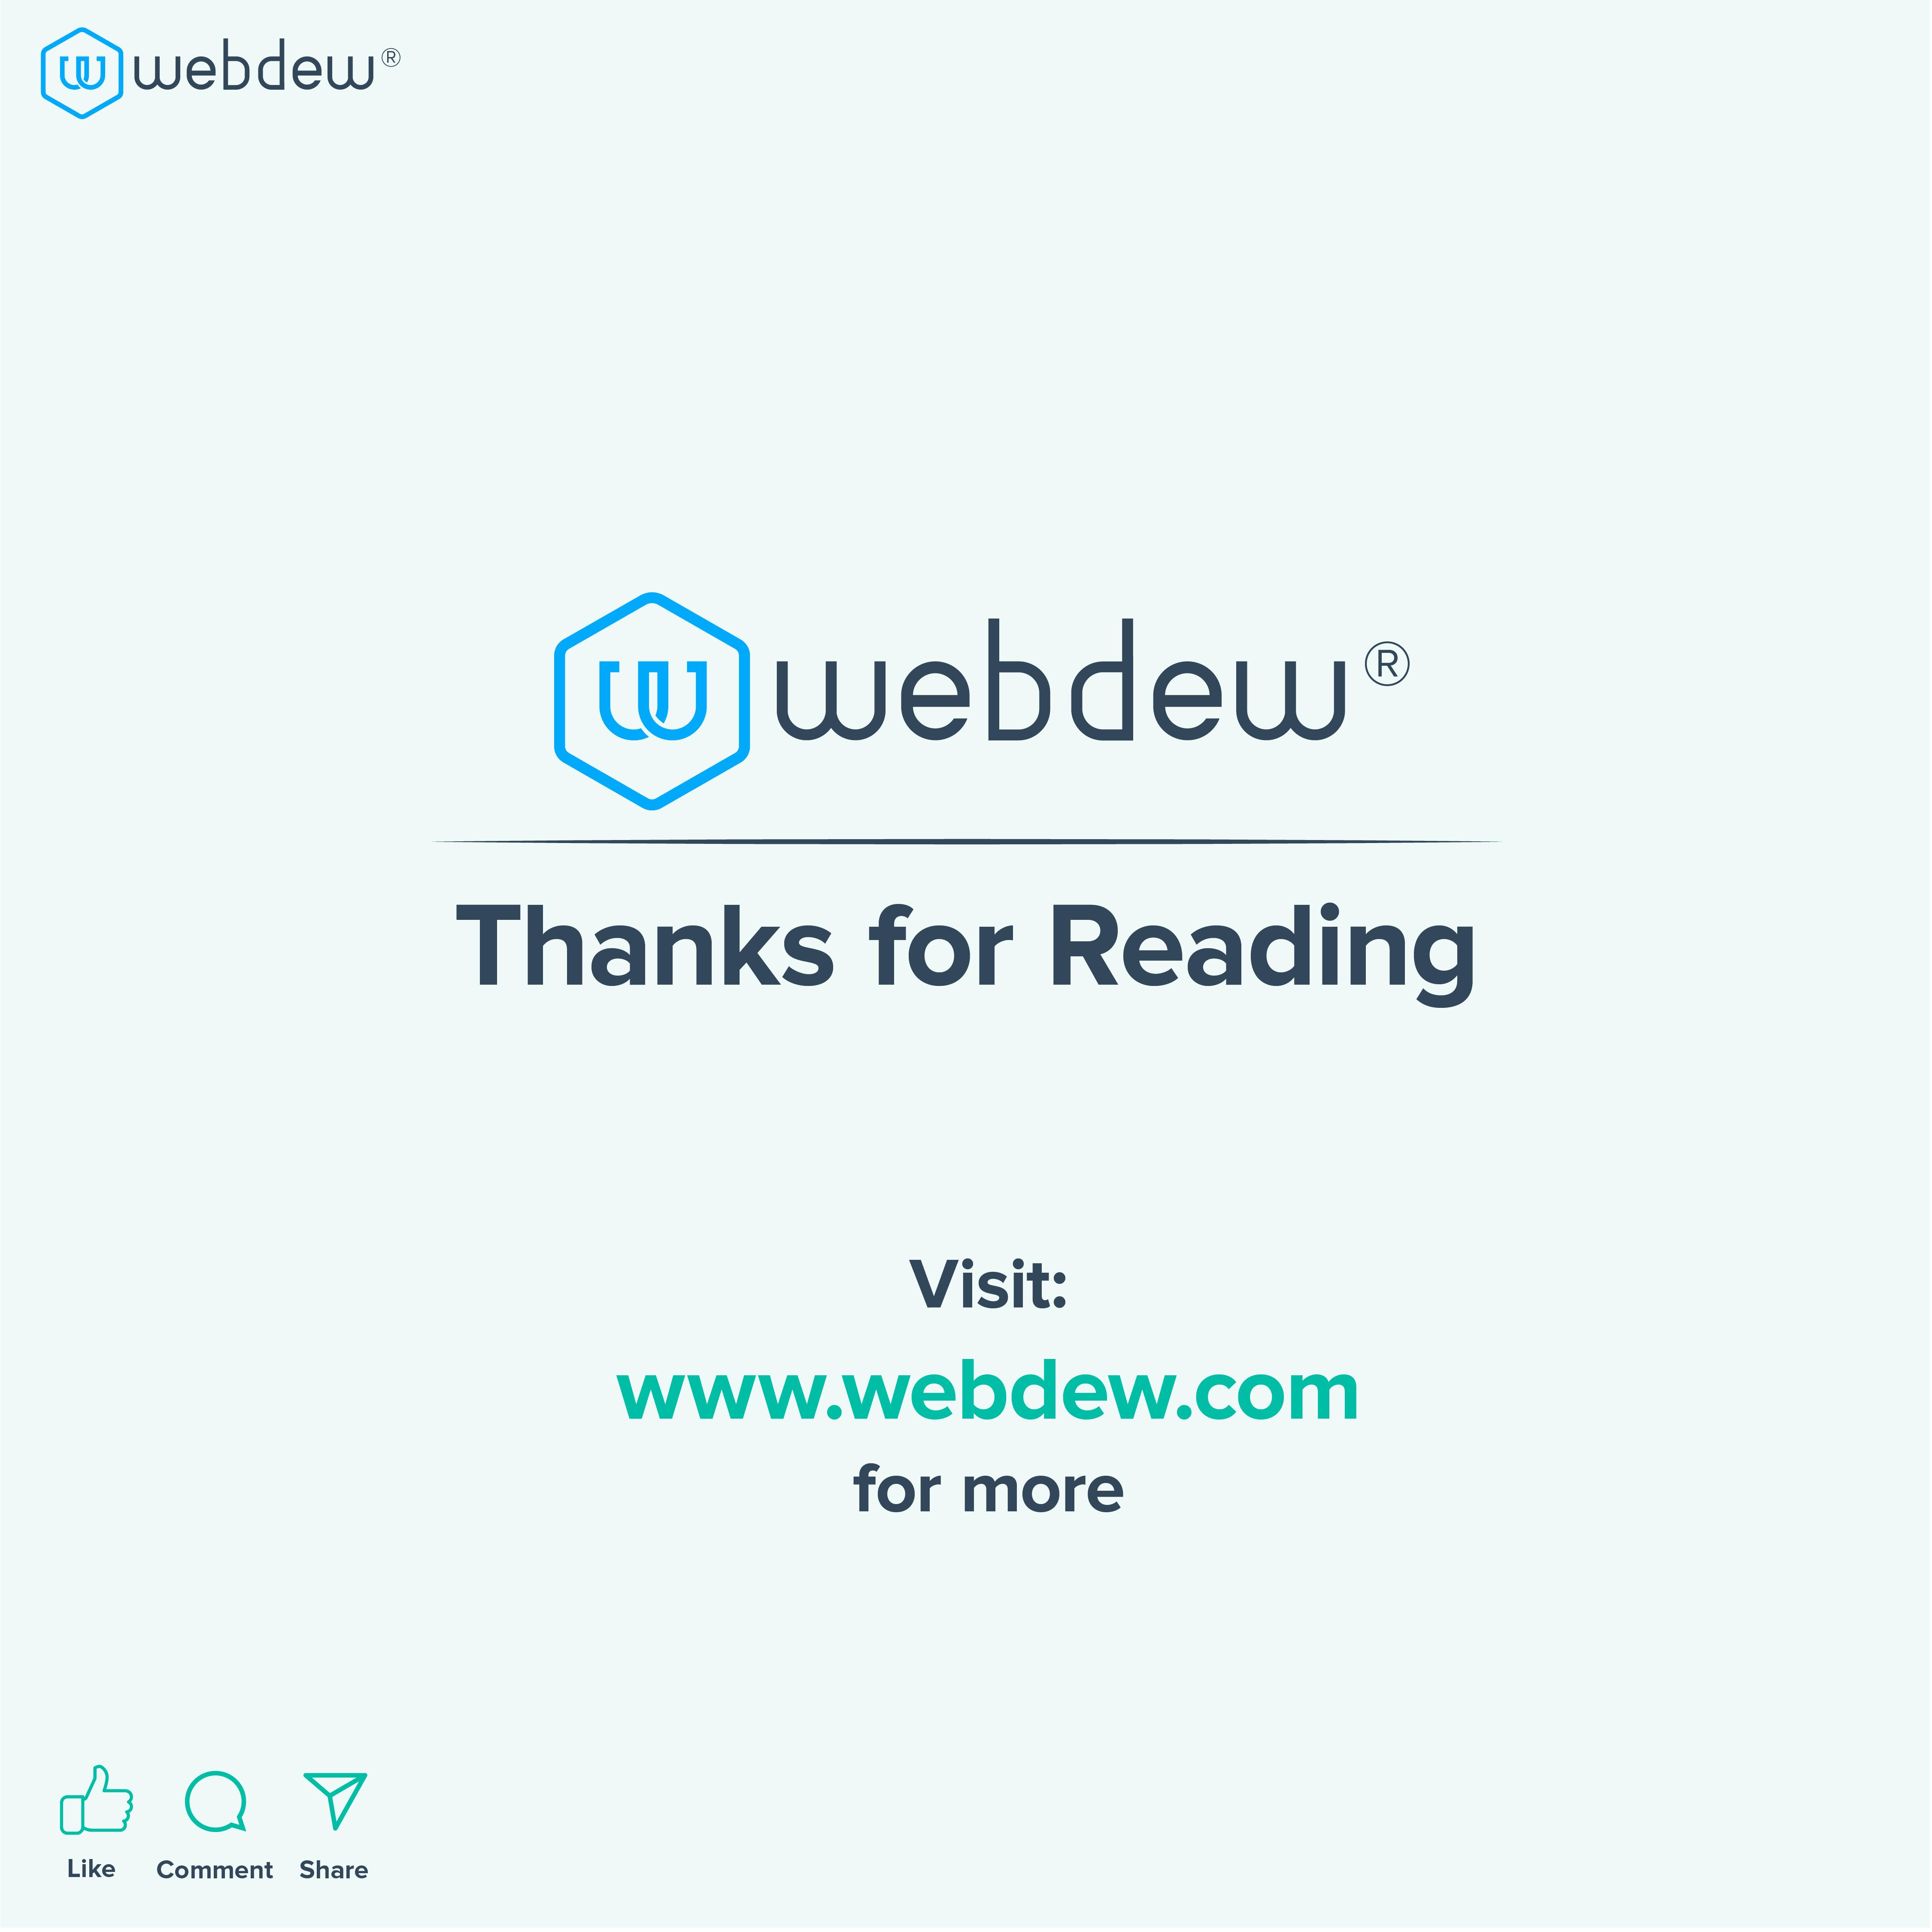 wordpress-alternatives-thanks-for-reading